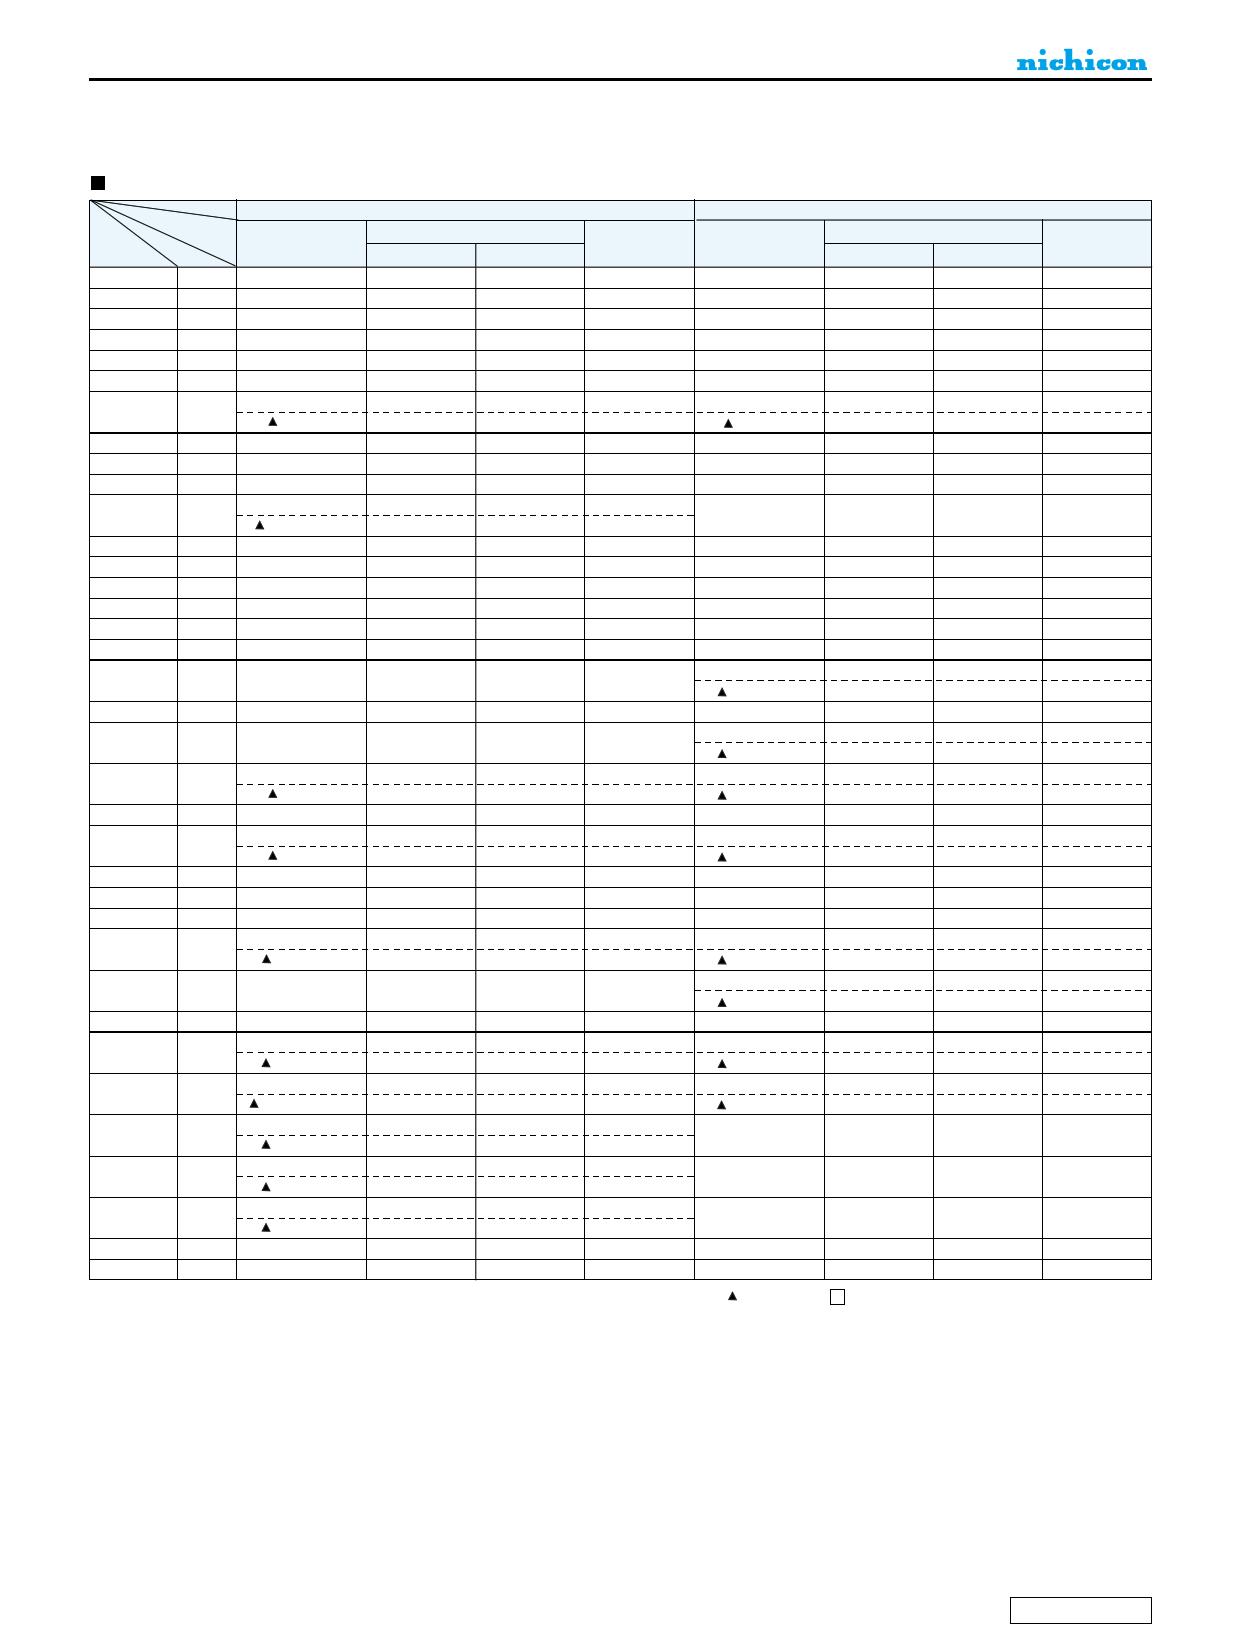 UPW2A102MHD pdf, 반도체, 판매, 대치품